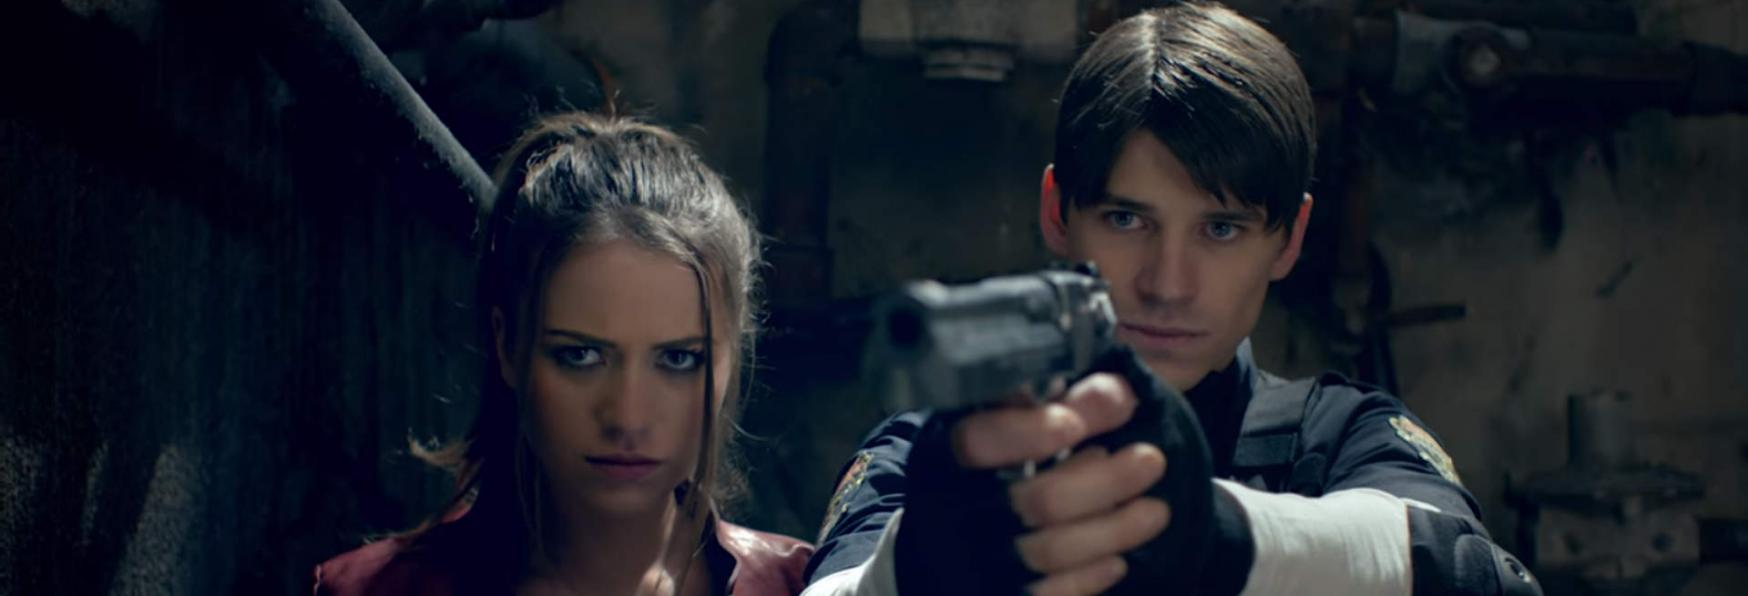 Resident Evil: la nuova Serie TV Netflix è in Lavorazione. Svelati i Primi Dettagli